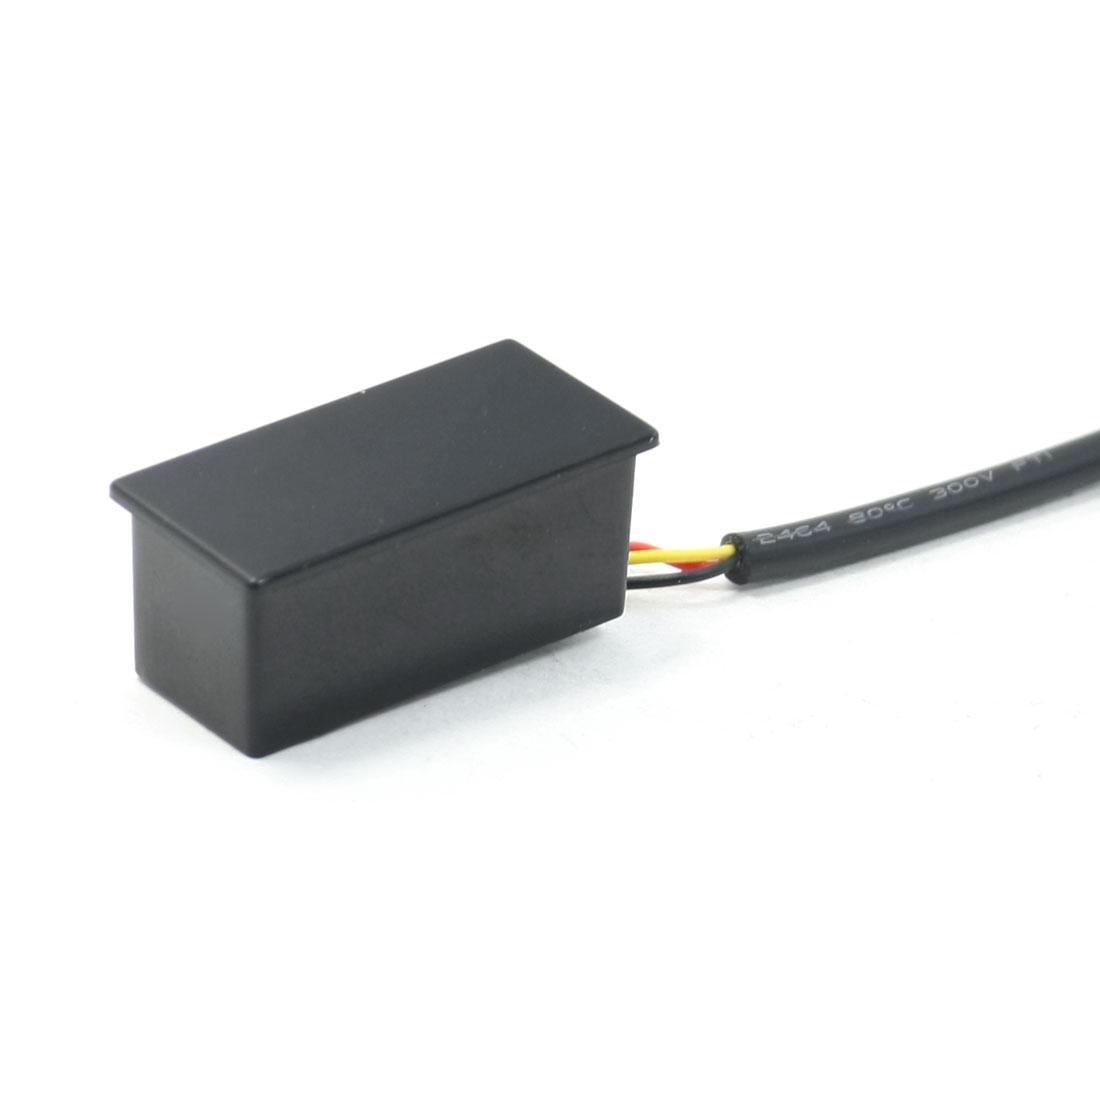 TDL-5002 Model Automatic Light Temperature Sensor Control Module DC 5V-24V